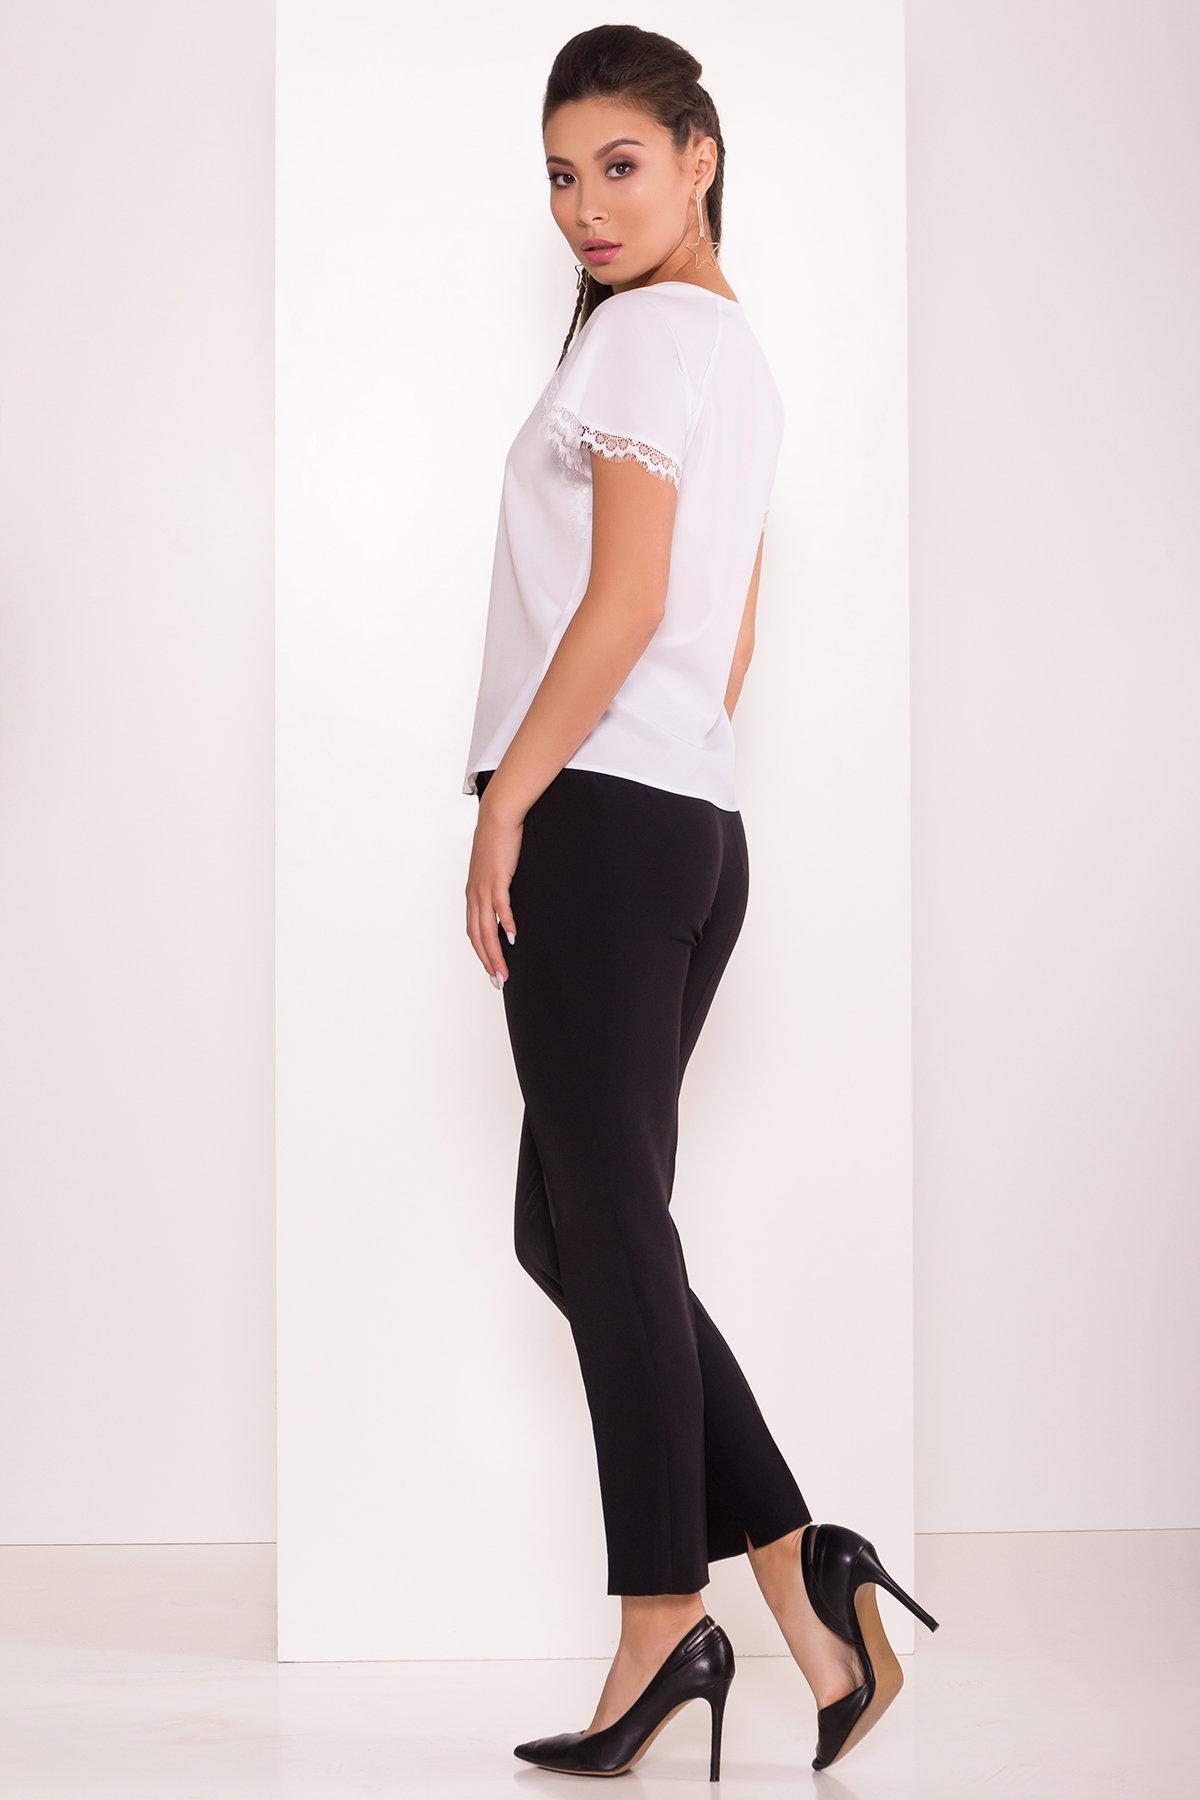 Базовые брюки со стрелками Эдвин 2467 АРТ. 16304 Цвет: Черный - фото 3, интернет магазин tm-modus.ru